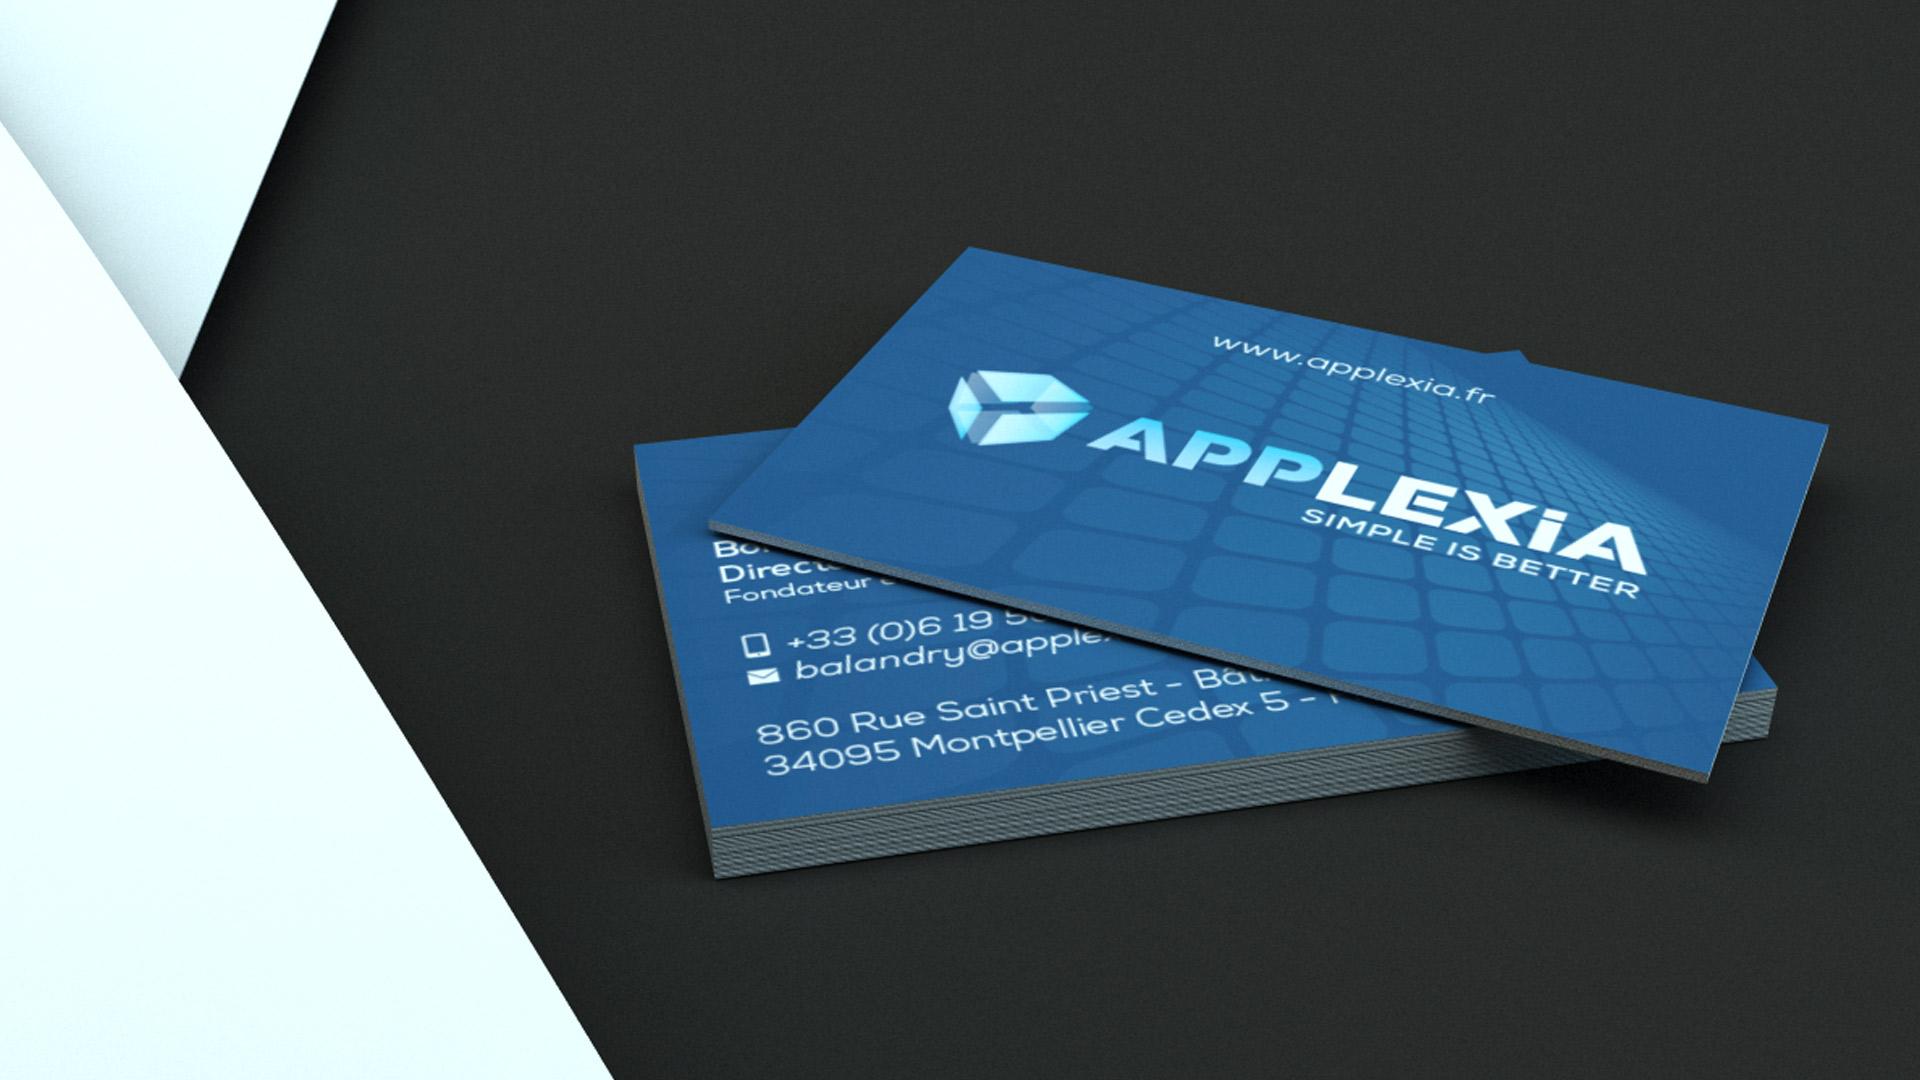 applexia-v2-08